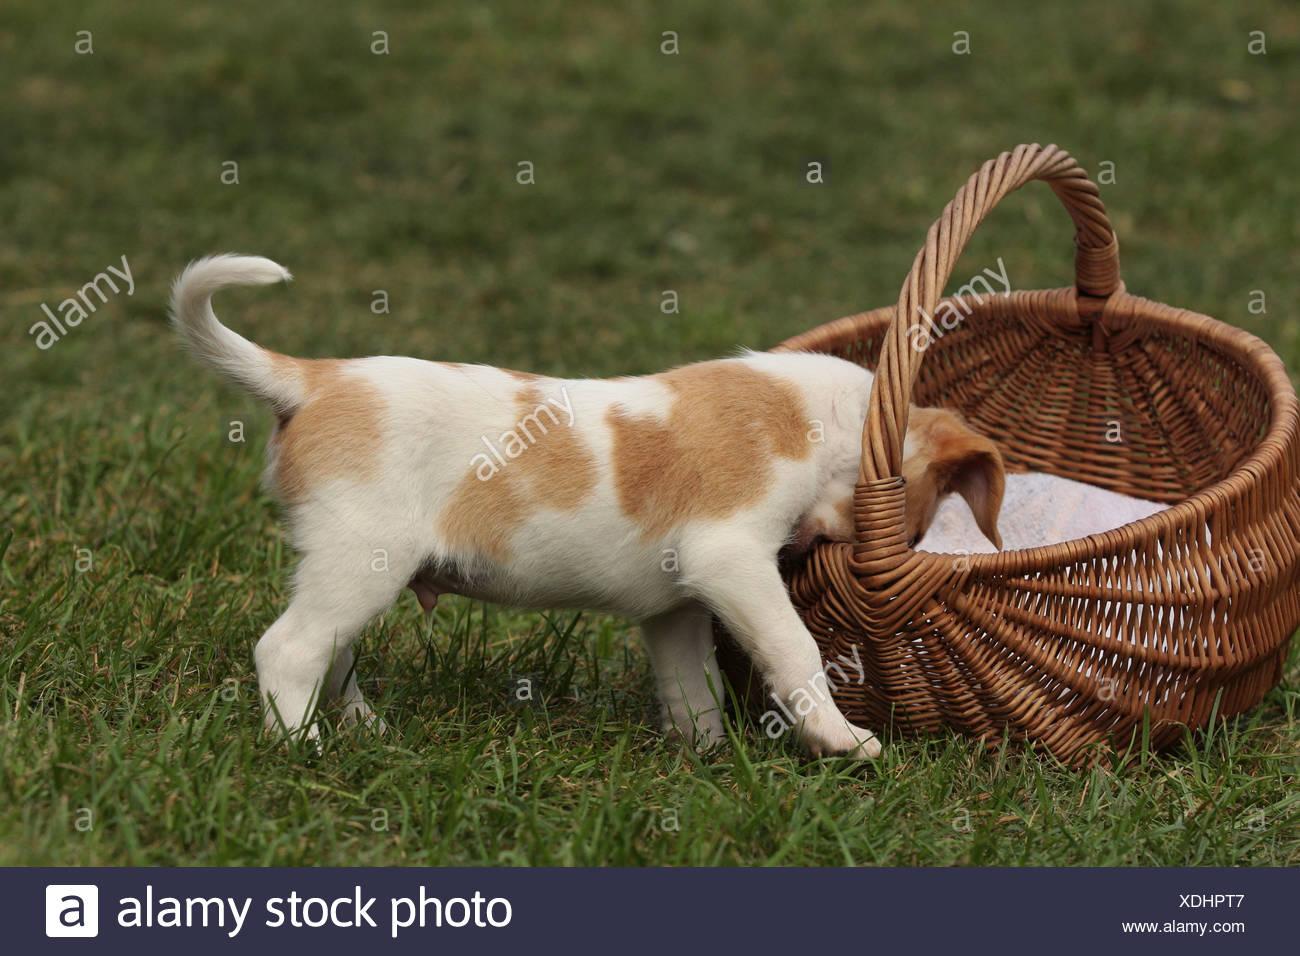 Kromfohrländer Puppy - Stock Image